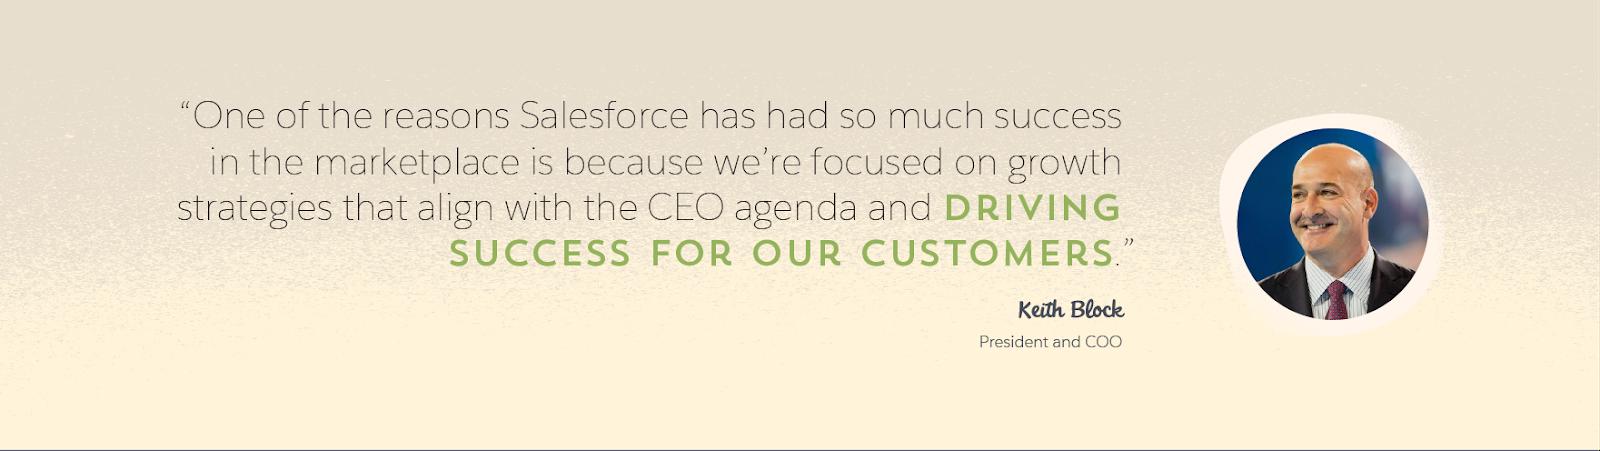 Image de Keith Block, Président et chef de l'exploitation de Salesforce, et une citation de lui: «Une des raisons de la réussite de Salesforce sur le marché est notre focalisation sur des stratégies de croissance alignées avec le programme de notre PDG et qui favorisent la réussite de nos clients.»